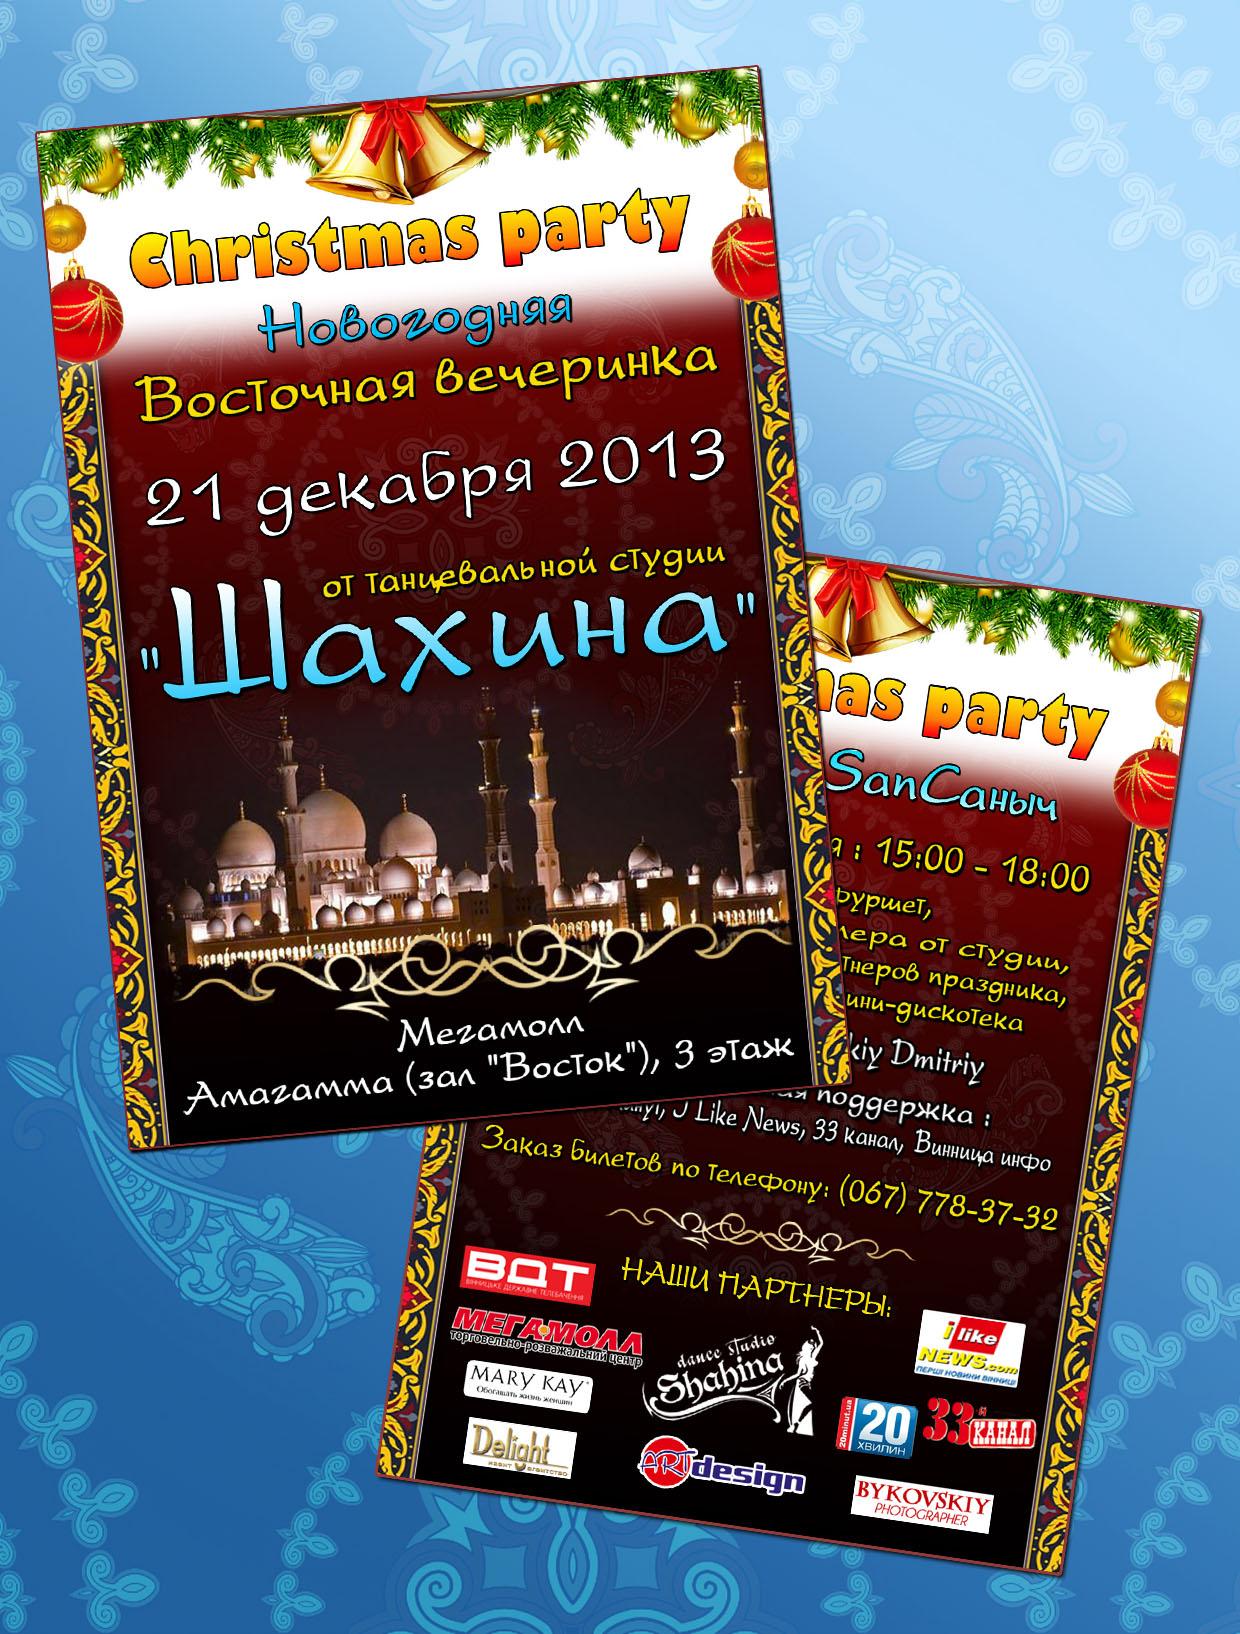 shahina_party